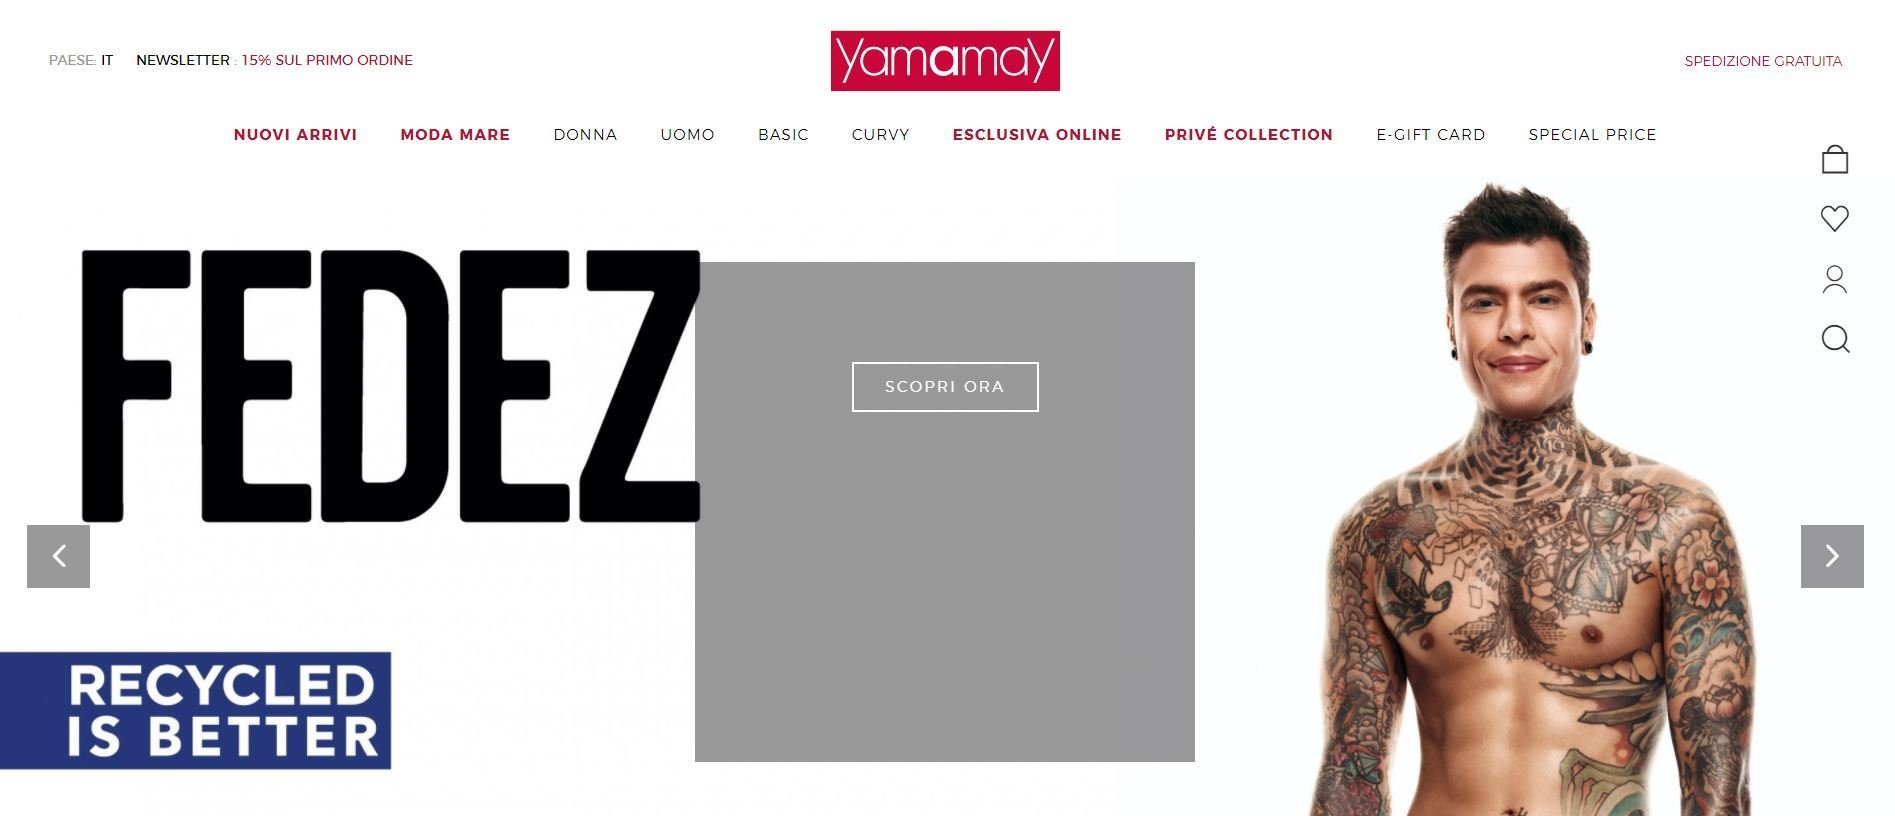 Yammay купити онлайн з доставкою в Україну - myMeest - 2